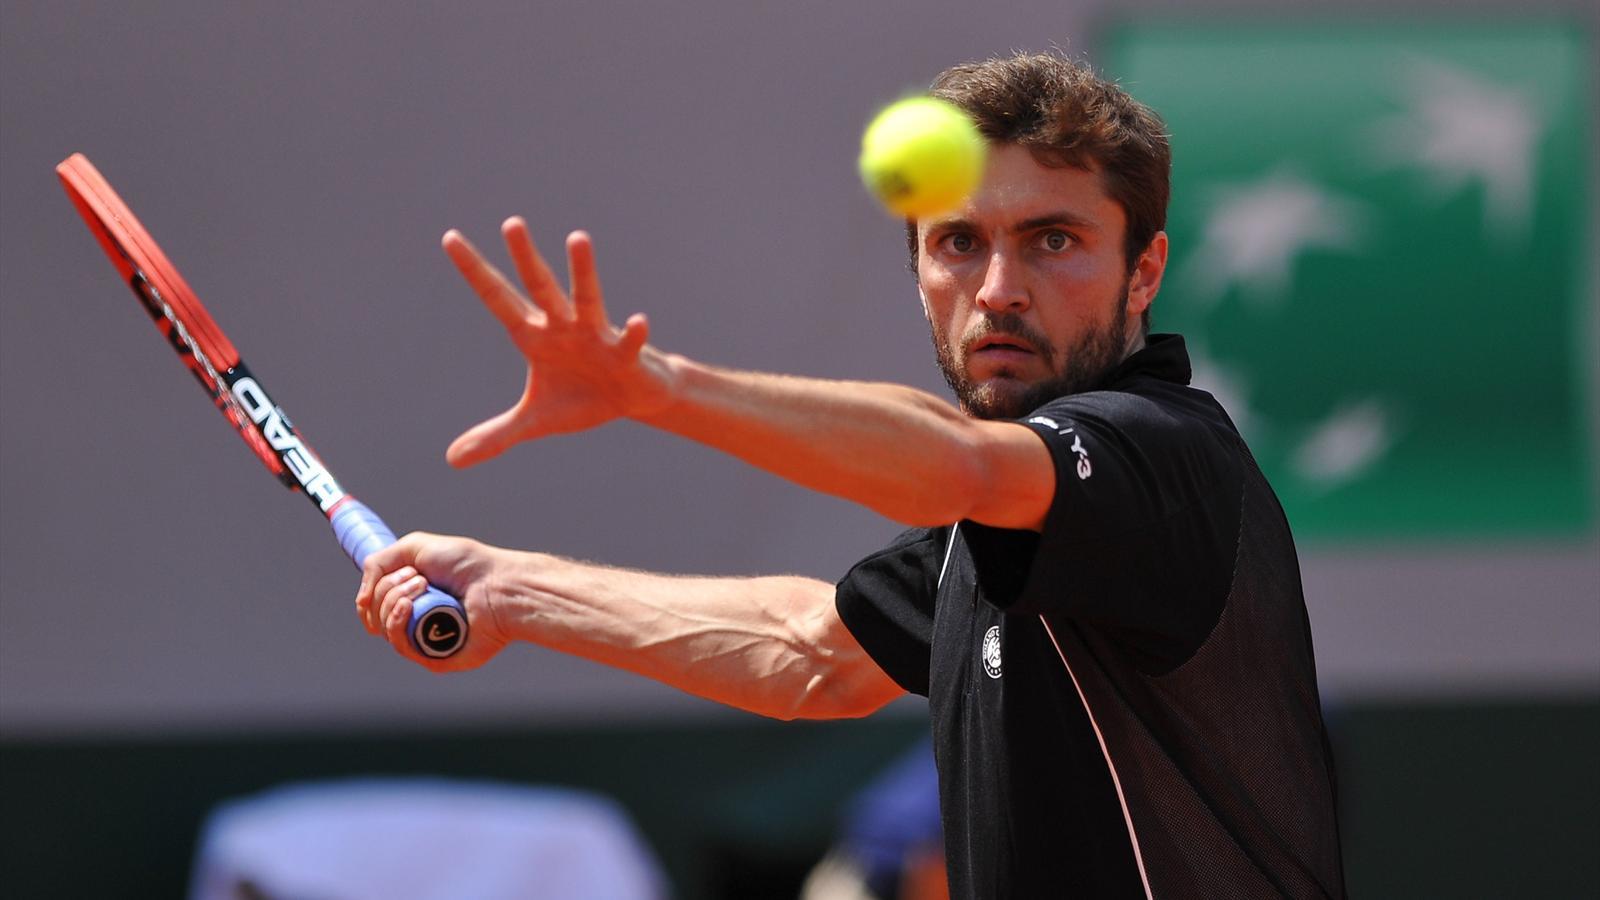 Roland Garros 2015 en direct live streaming sur France 2